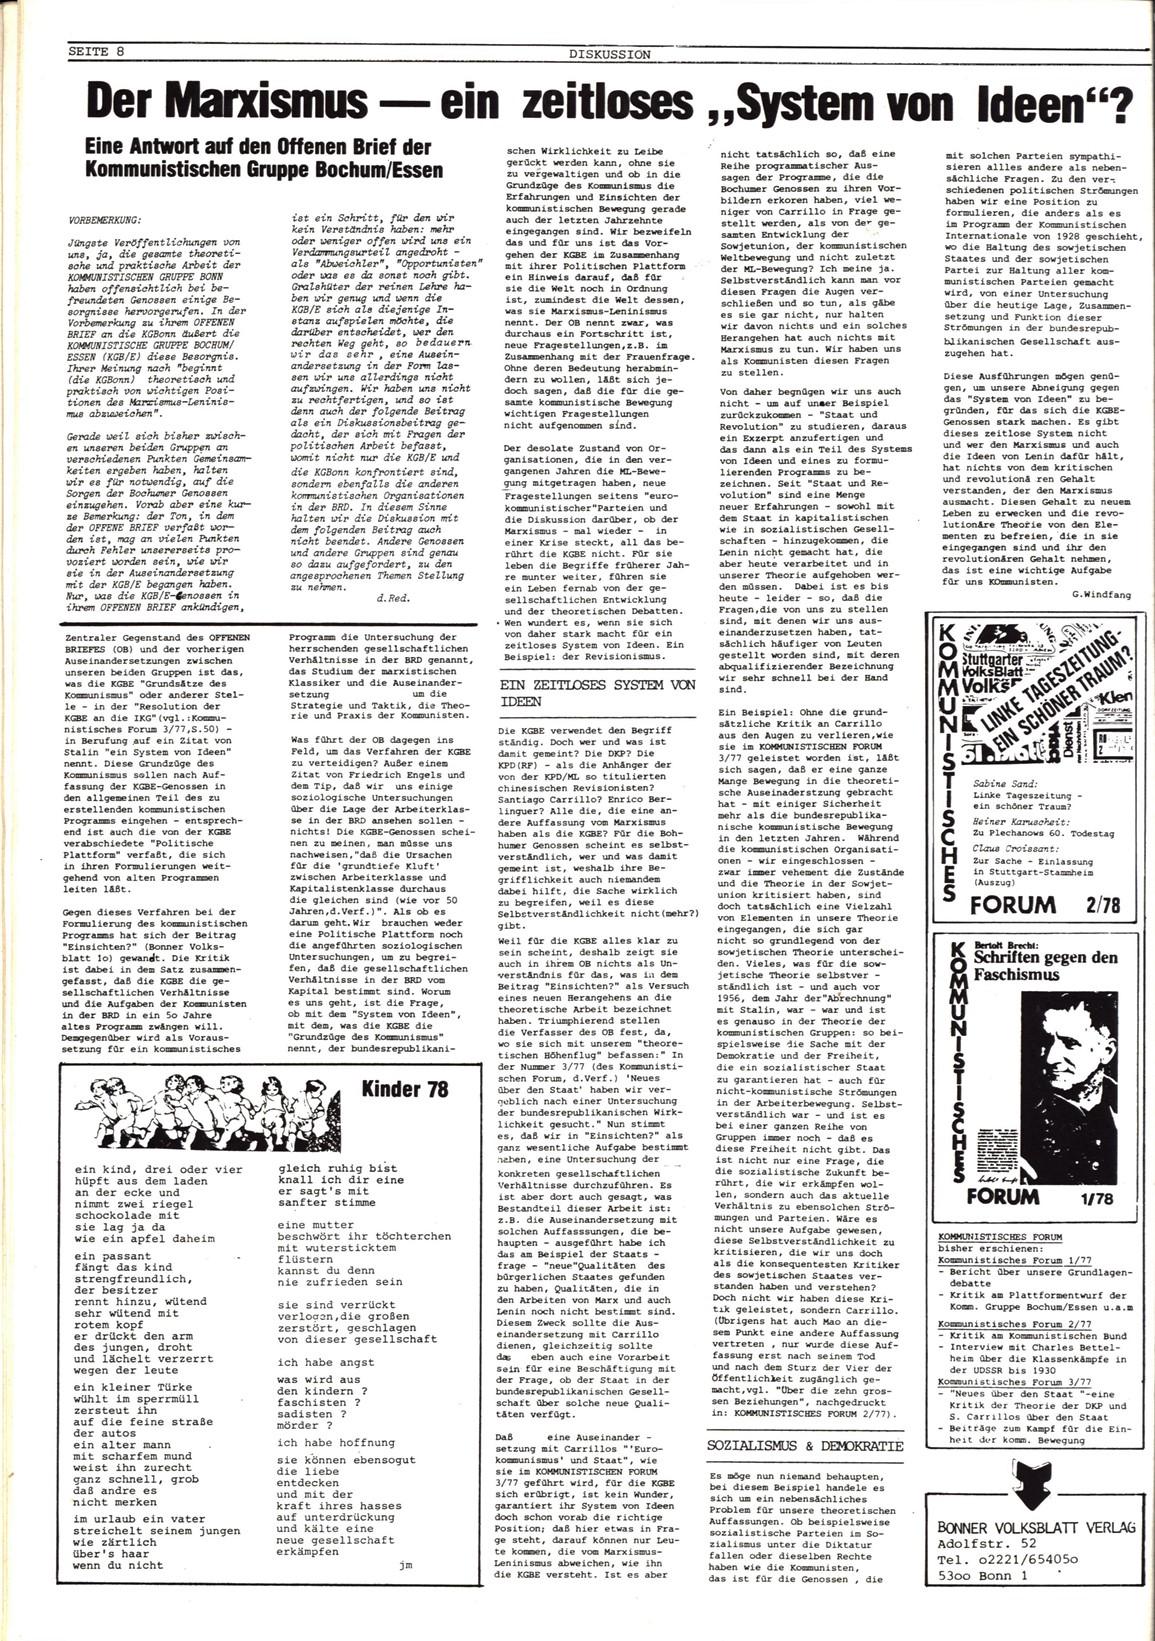 Bonner_Volksblatt_15_19780802_08